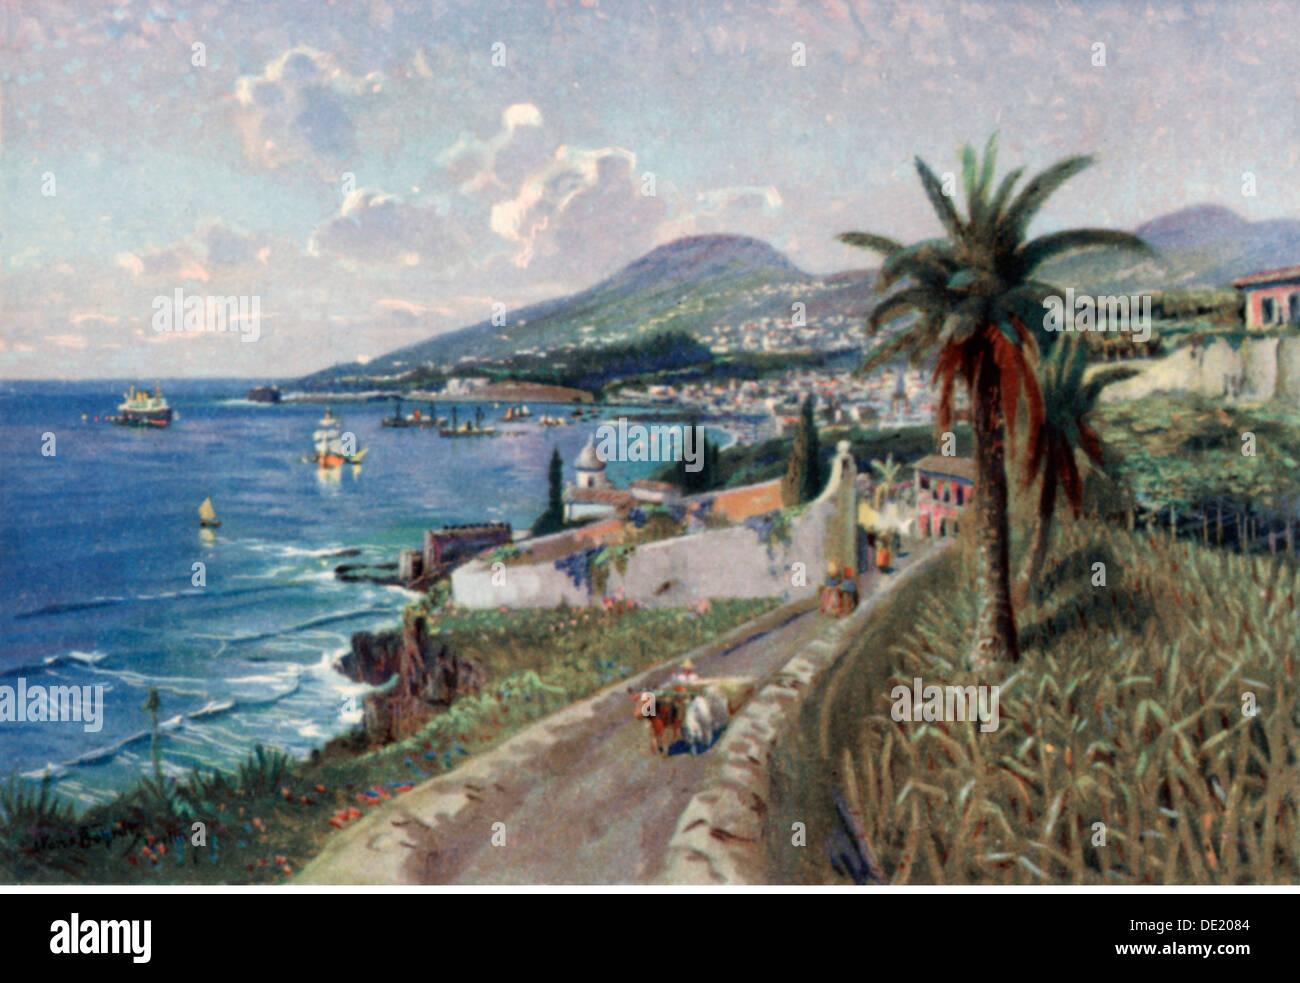 Géographie / Voyage, Portugal, Ile de Madère, Funchal, vue, carte postale d'art, années 1920, droits additionnels Banque D'Images